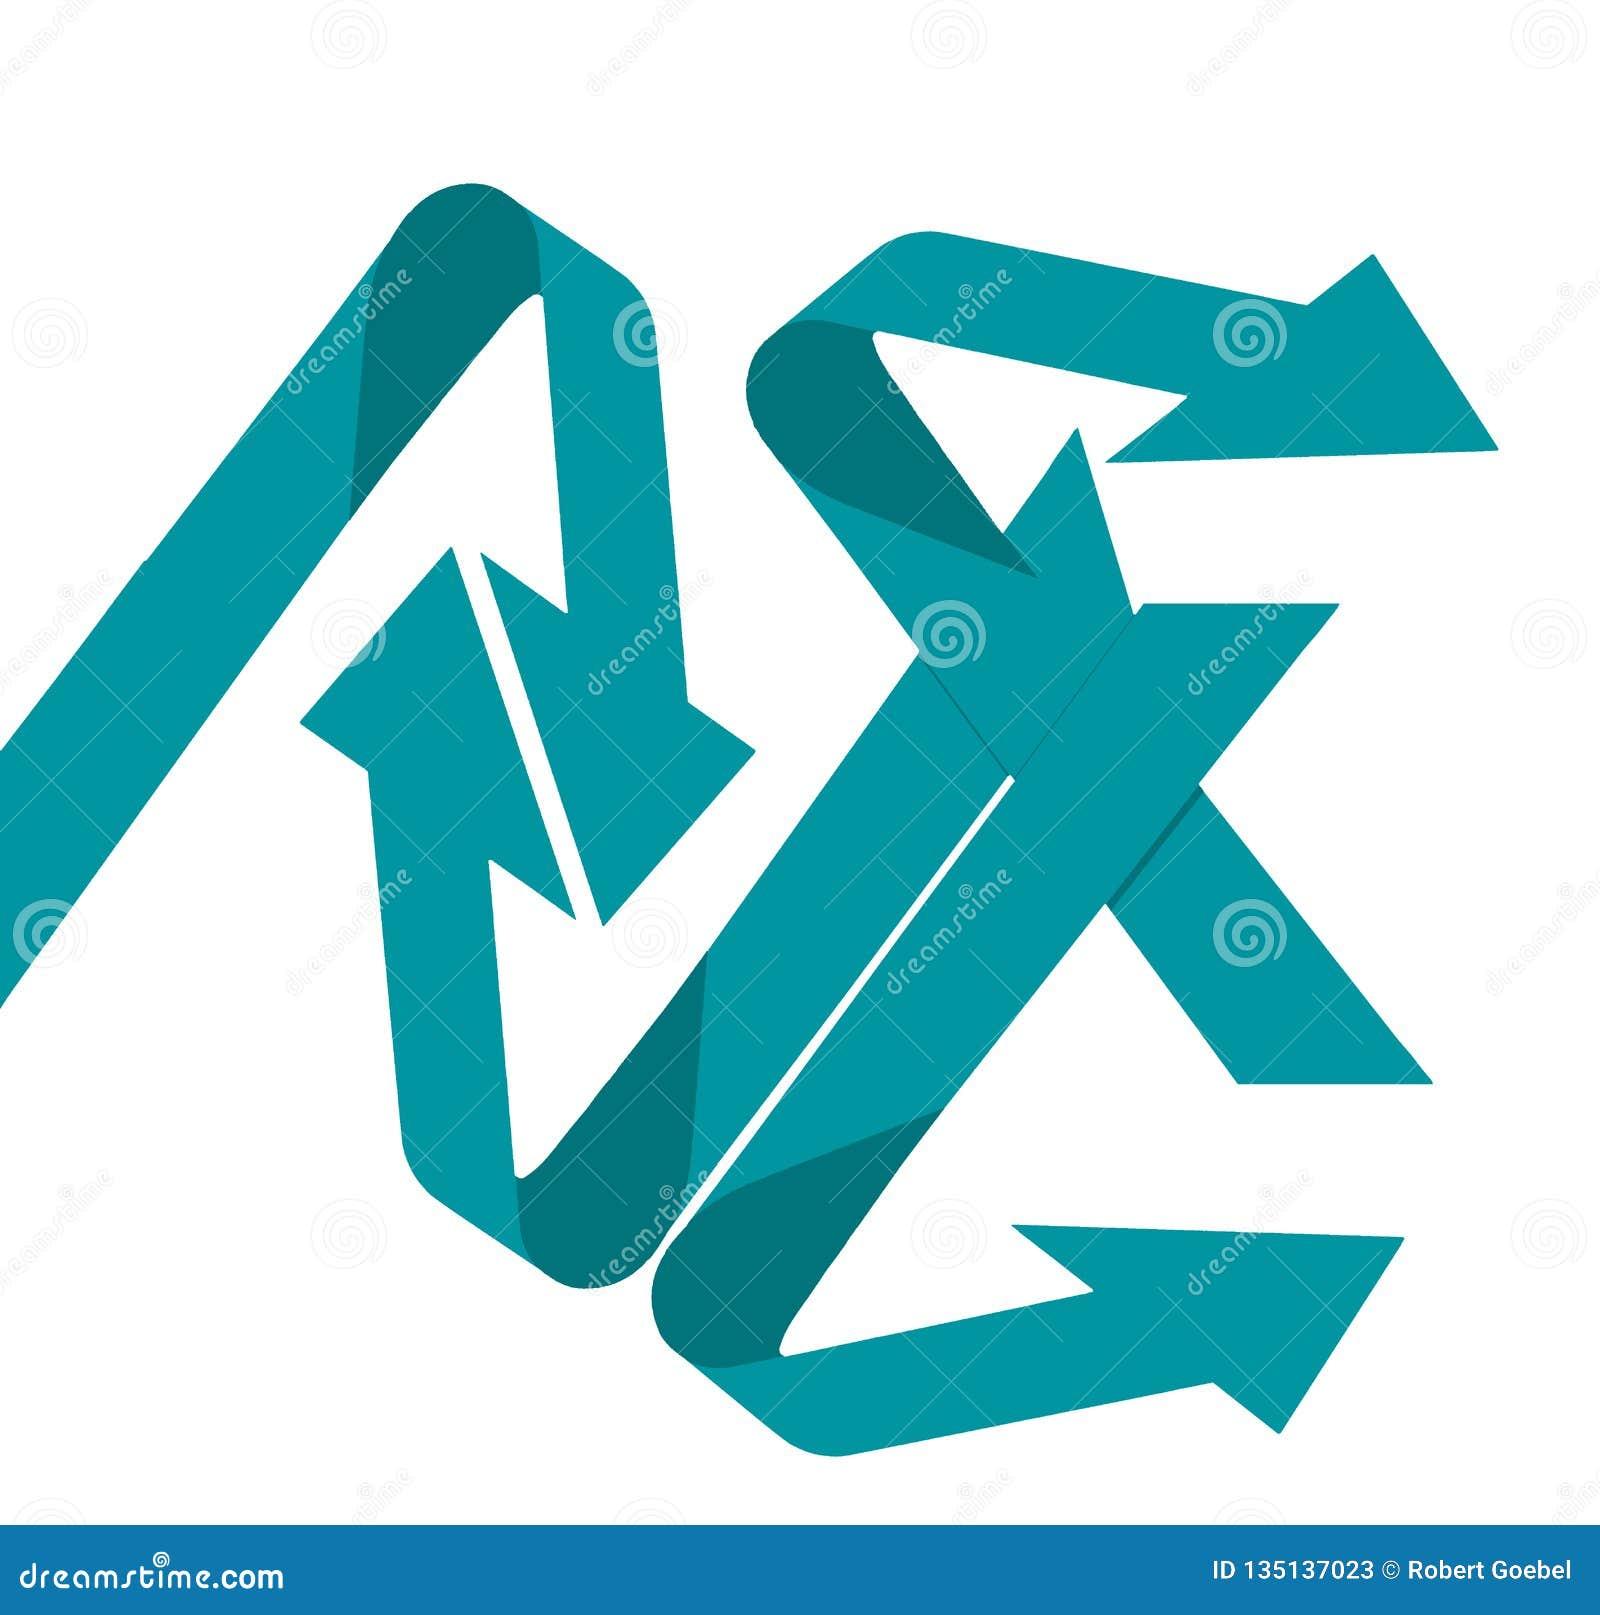 Запутанность и хаос тема проиллюстрированная 4 стрелками гнуть в различных направлениях в этом фоновом изображении